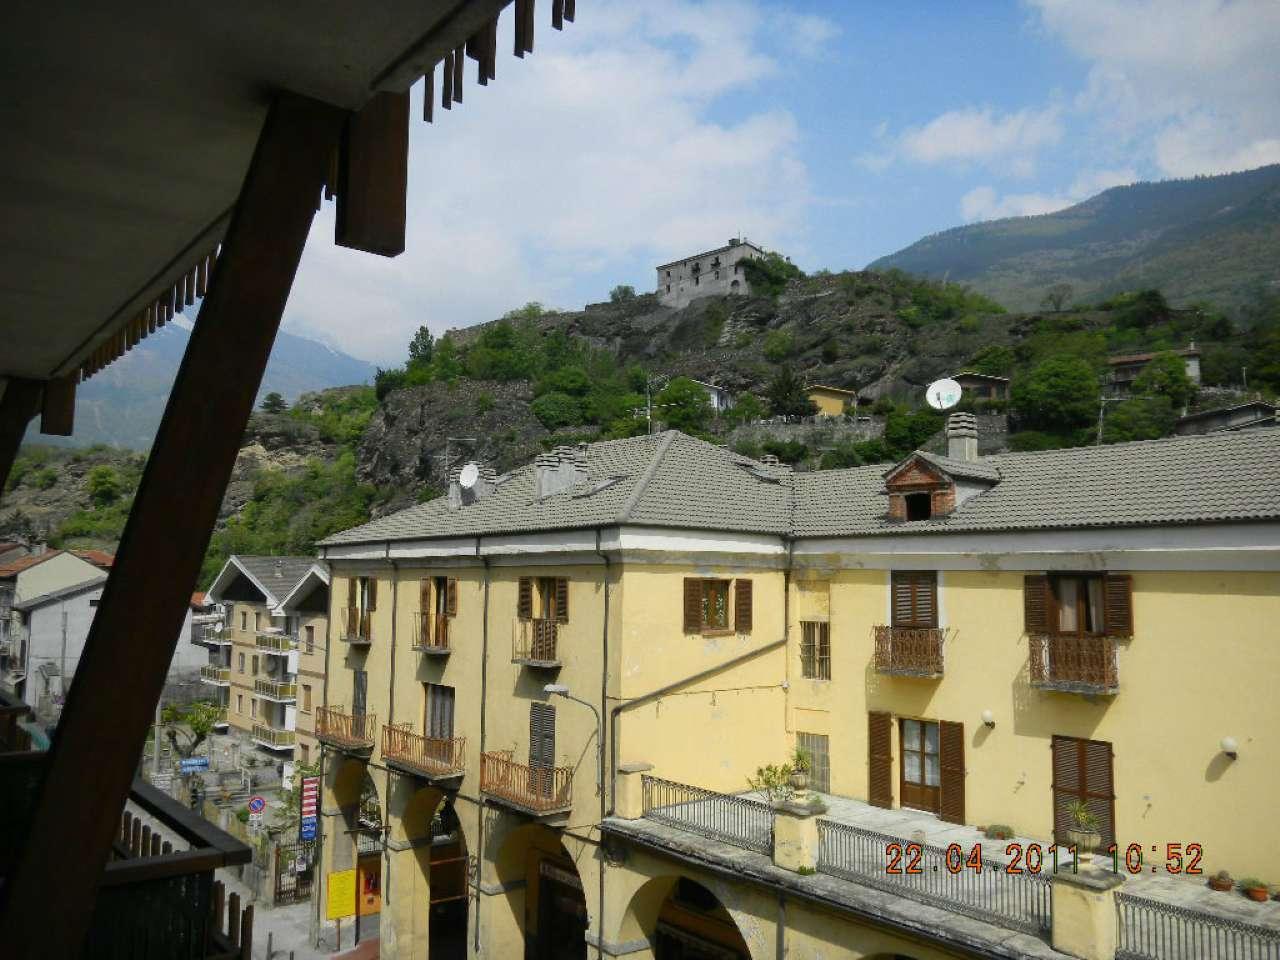 Appartamento in vendita a Susa, 4 locali, prezzo € 65.000 | PortaleAgenzieImmobiliari.it